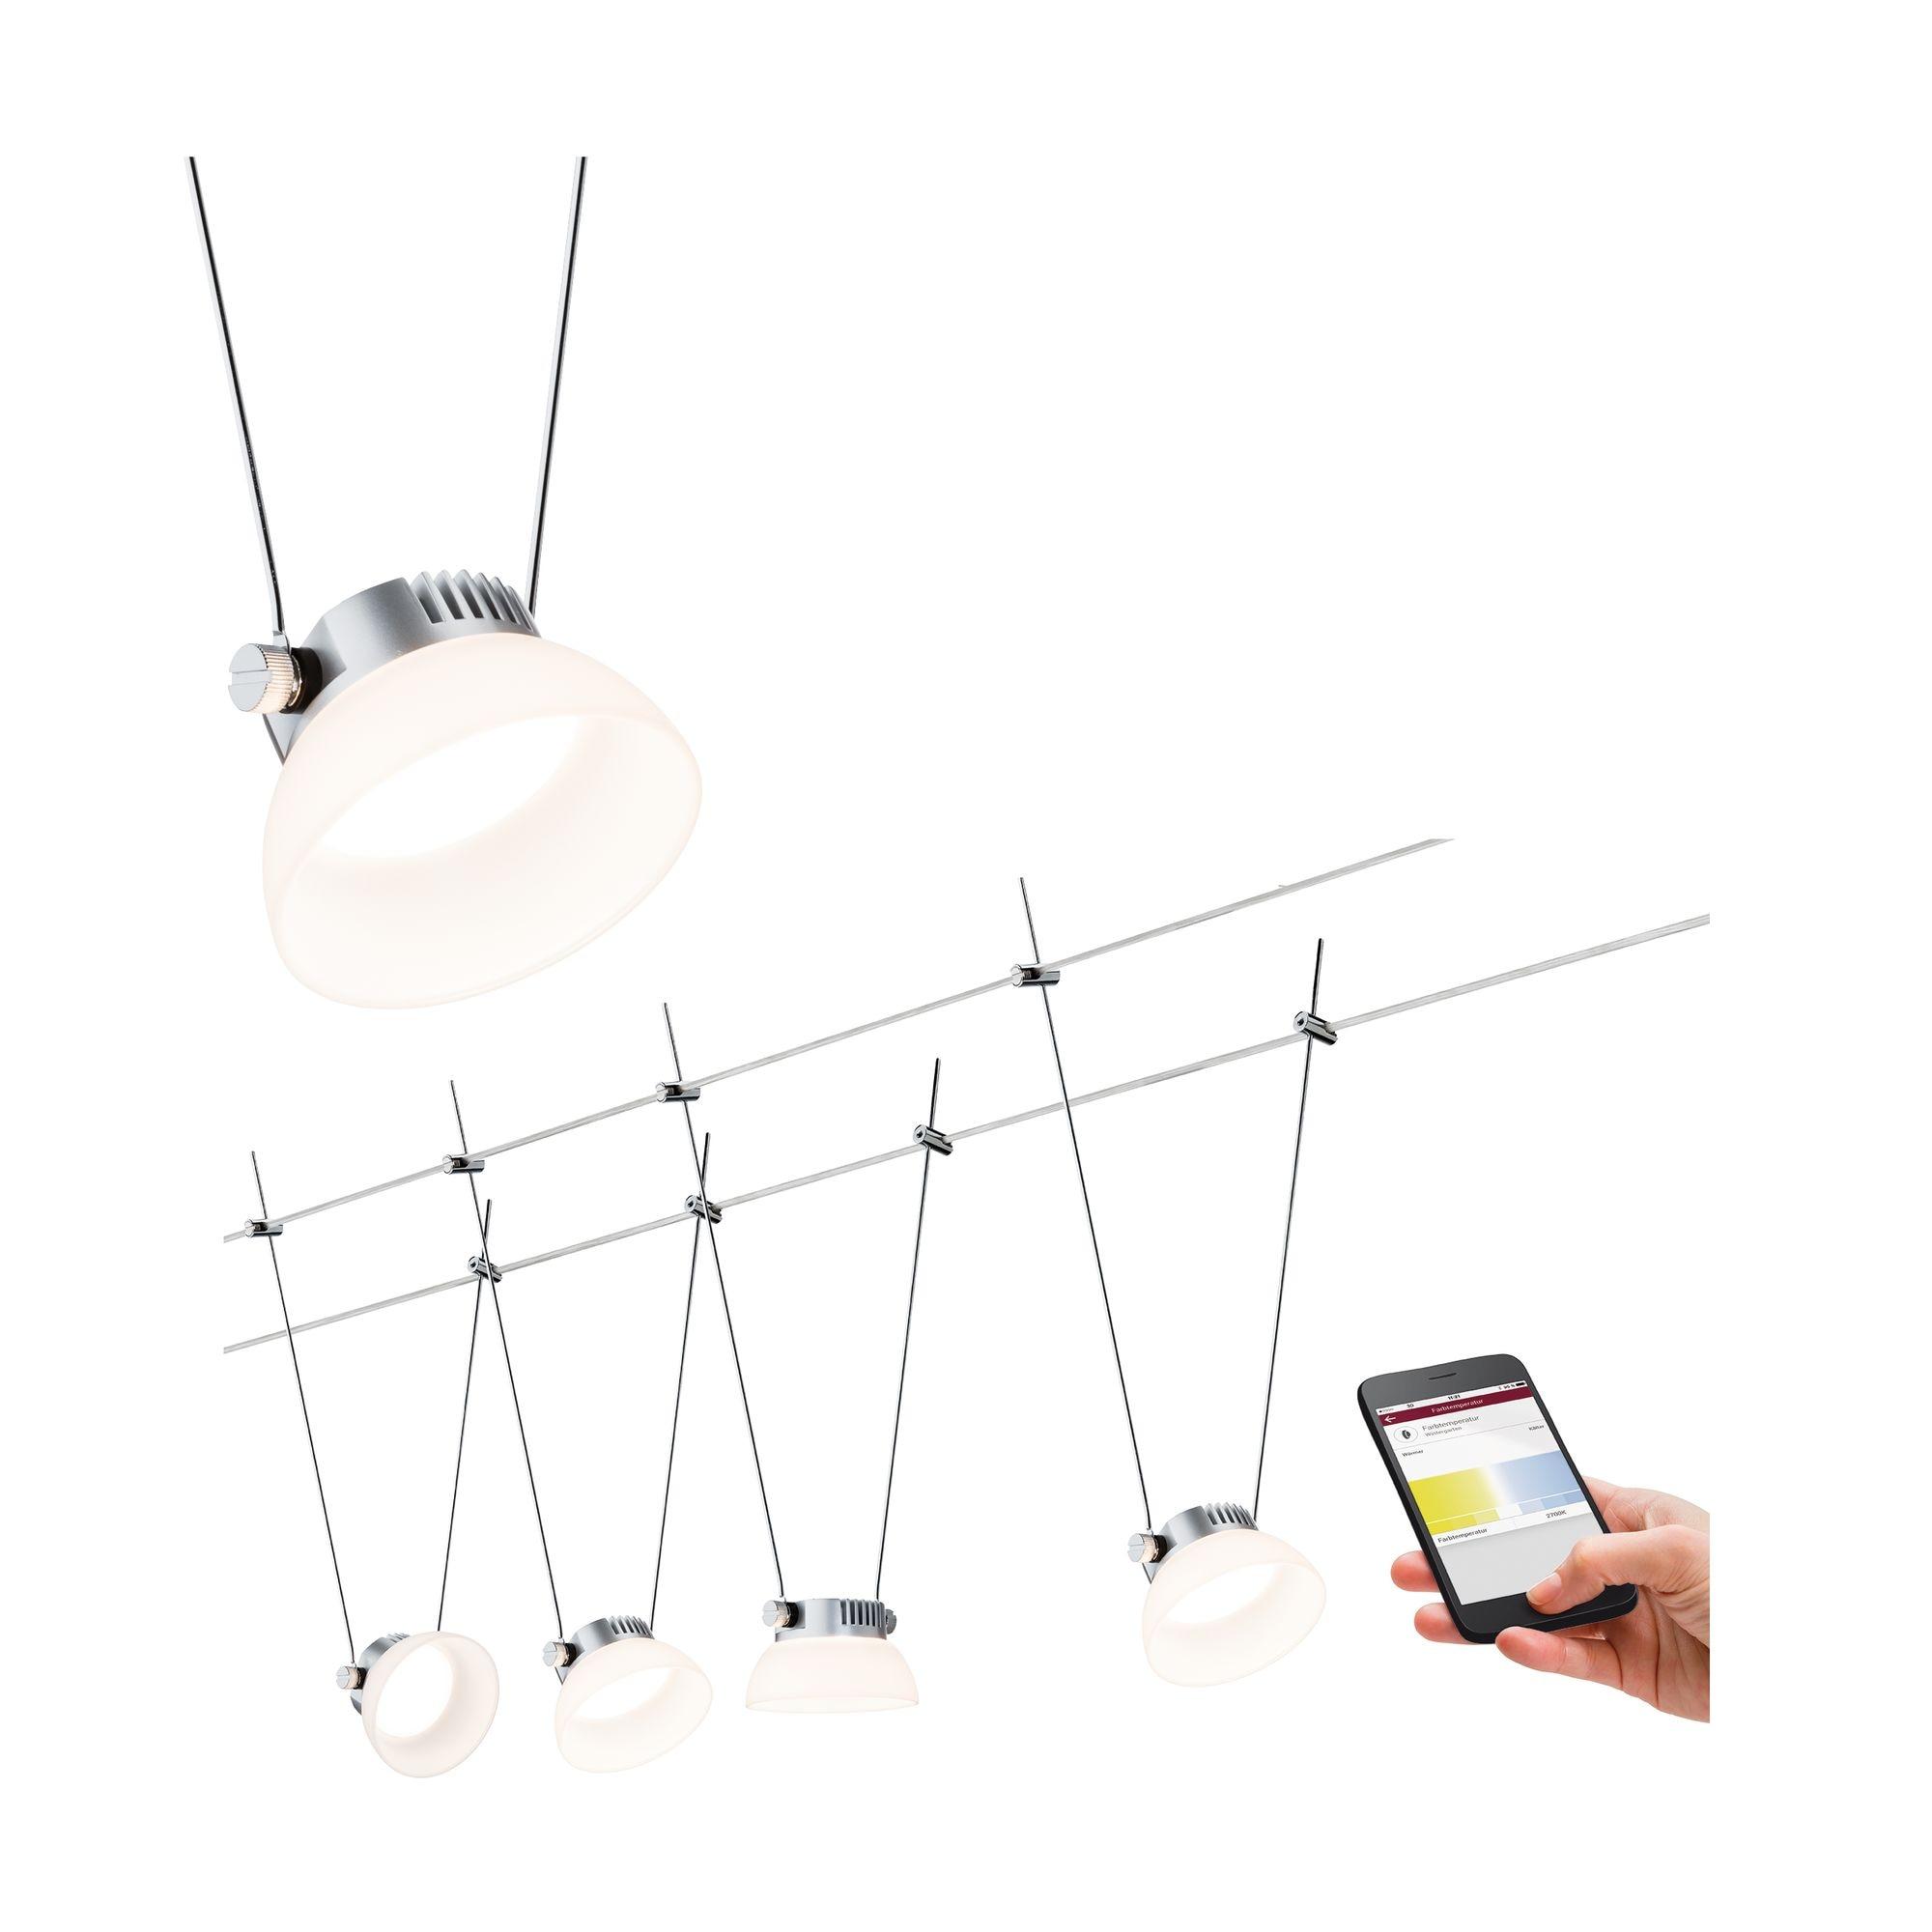 Paulmann LED Deckenleuchte Smart Home Seilsystem Set IceLED 4x4W DC Chrom matt mit Weißlichtsteuerung, 1 St., Tageslichtweiß